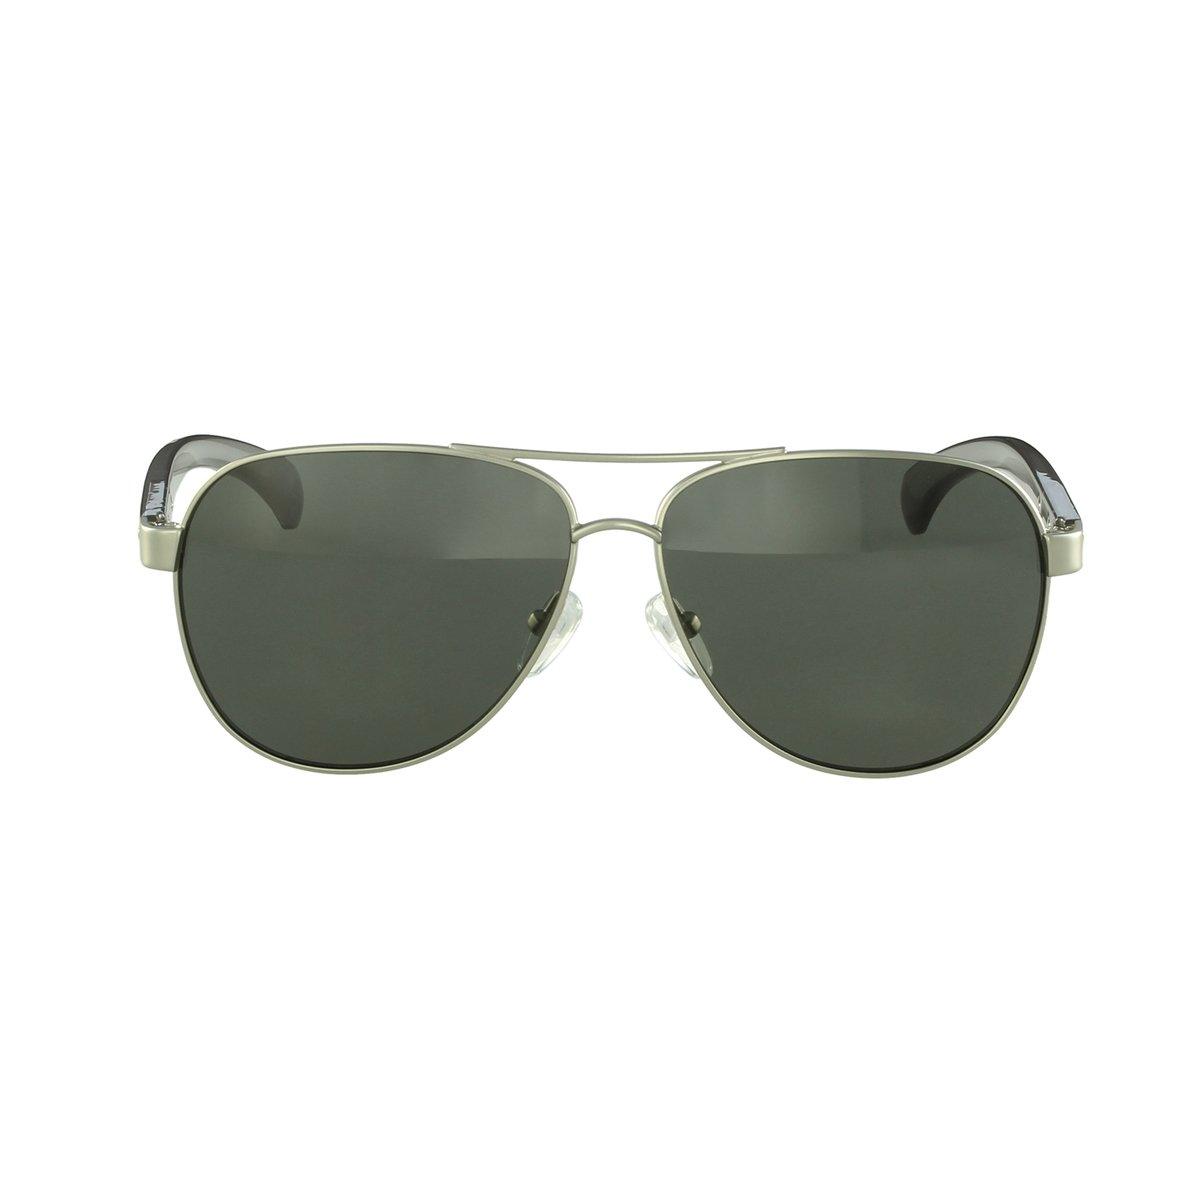 3ada590ff45f6 Óculos de Sol Calvin Klein Aviador Prata - Compre Agora